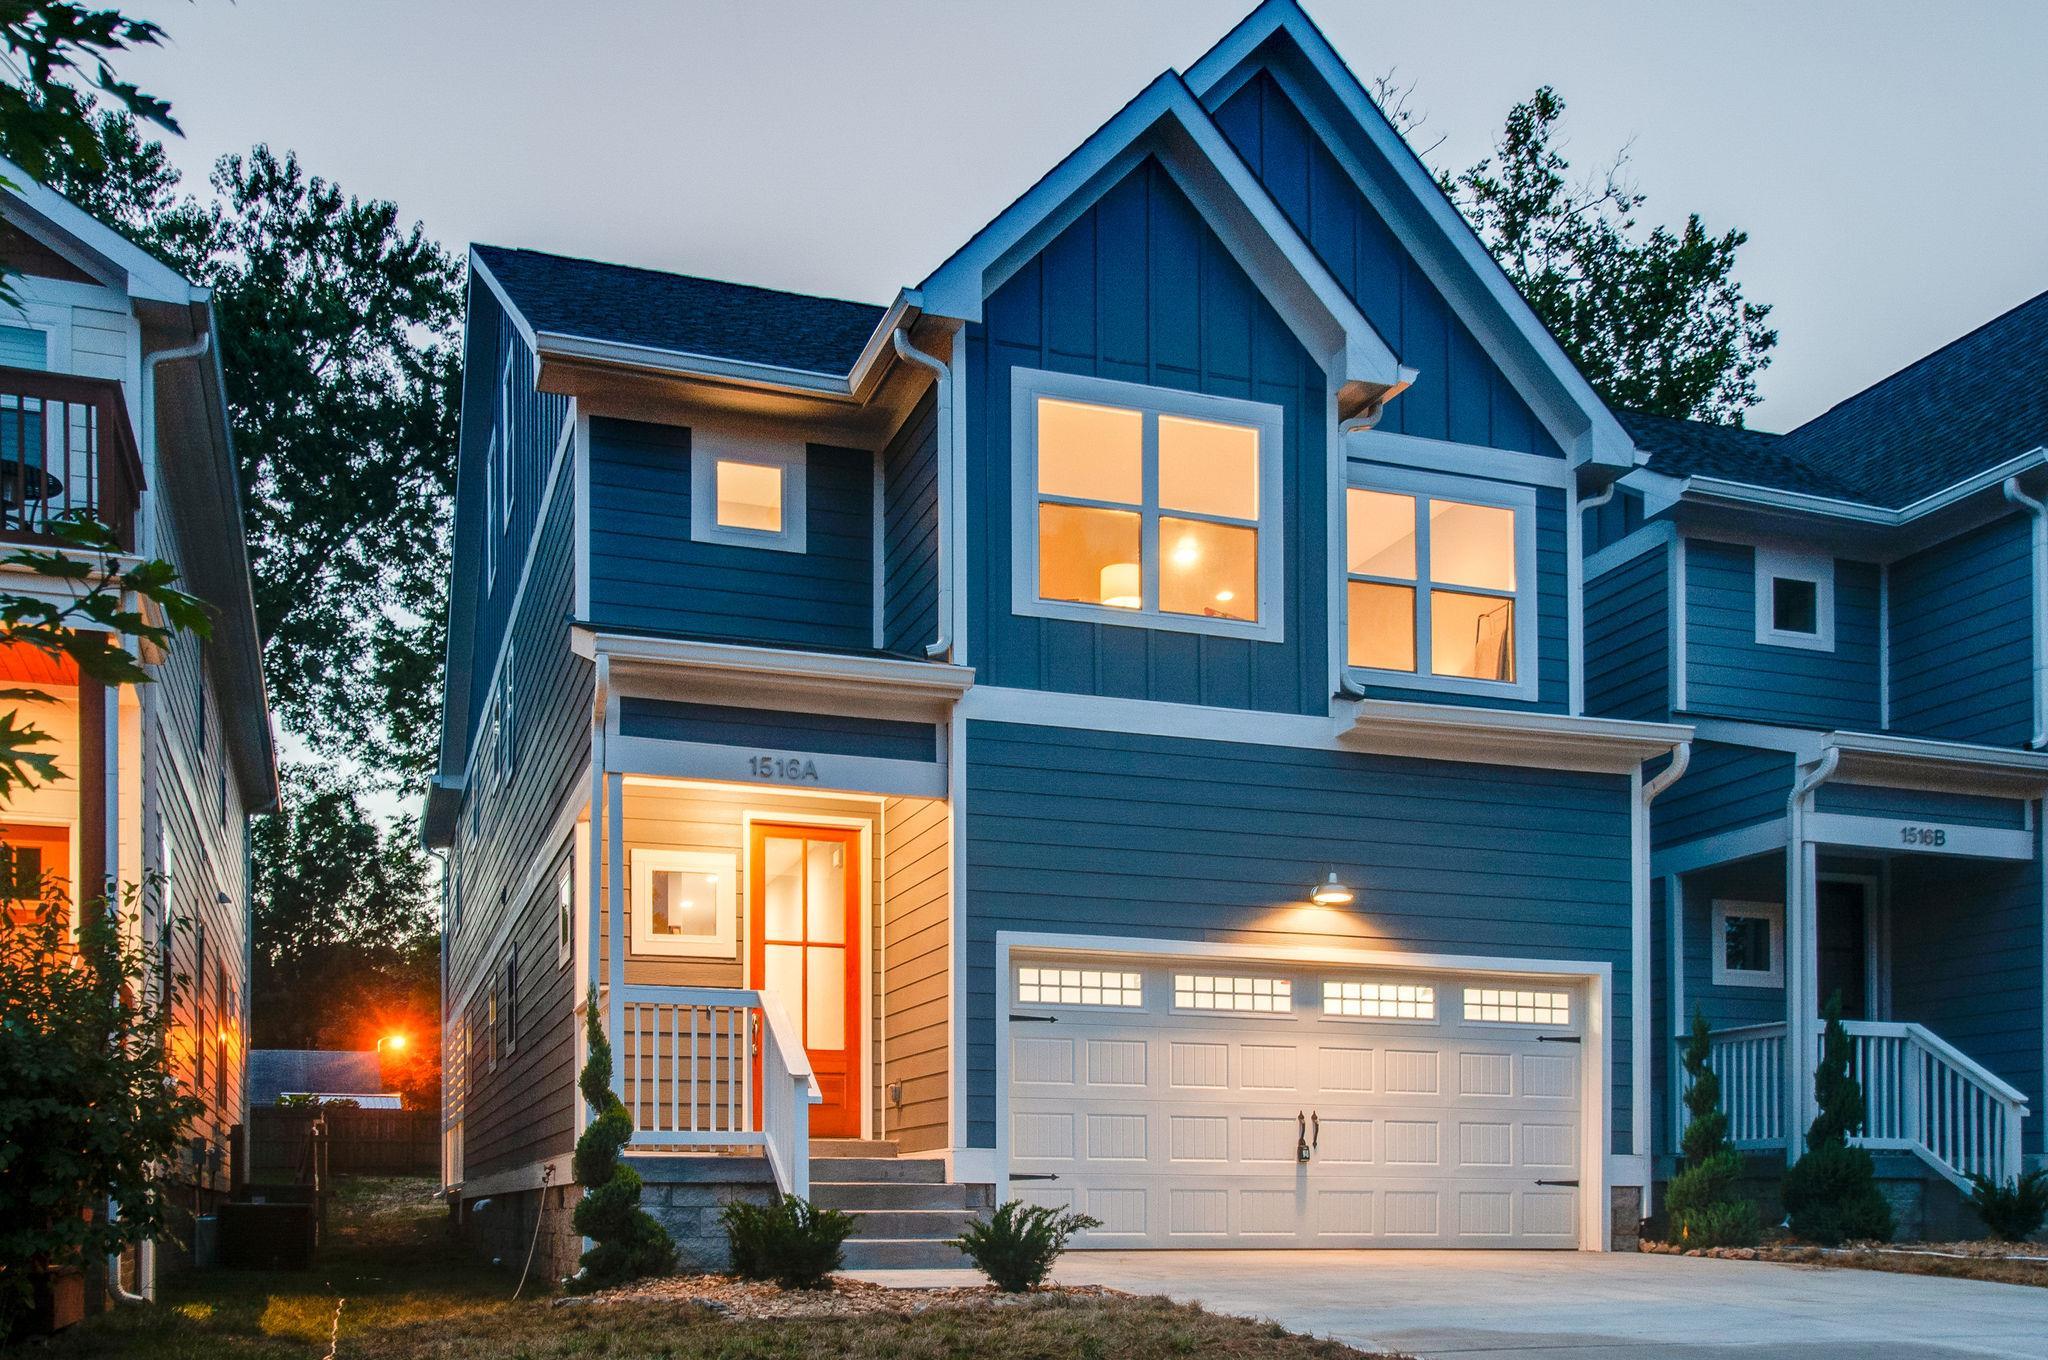 1516A Corder Dr, Nashville, TN 37206 - Nashville, TN real estate listing